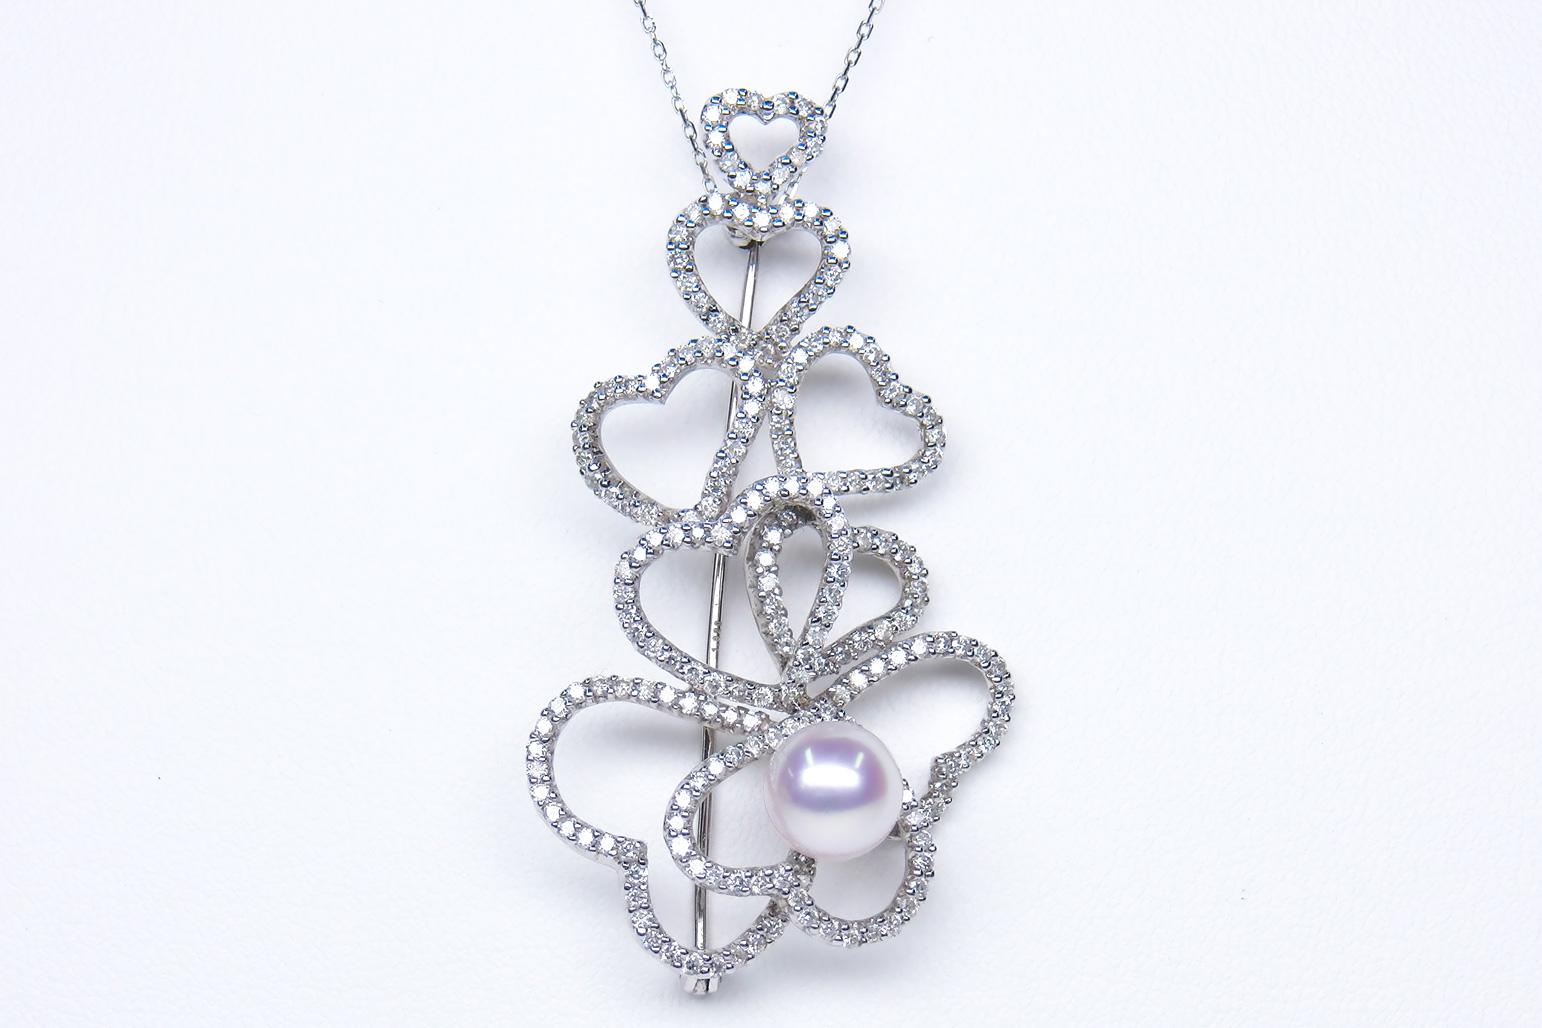 《真珠大卸からの直販》■ 1.82ctダイヤモンドの極上の輝き■花珠アコヤ真珠ダイヤペンダントブローチ 8.0mmUP【送料無料】, ハセムラ:54b61acb --- whoisrobertjohns.com